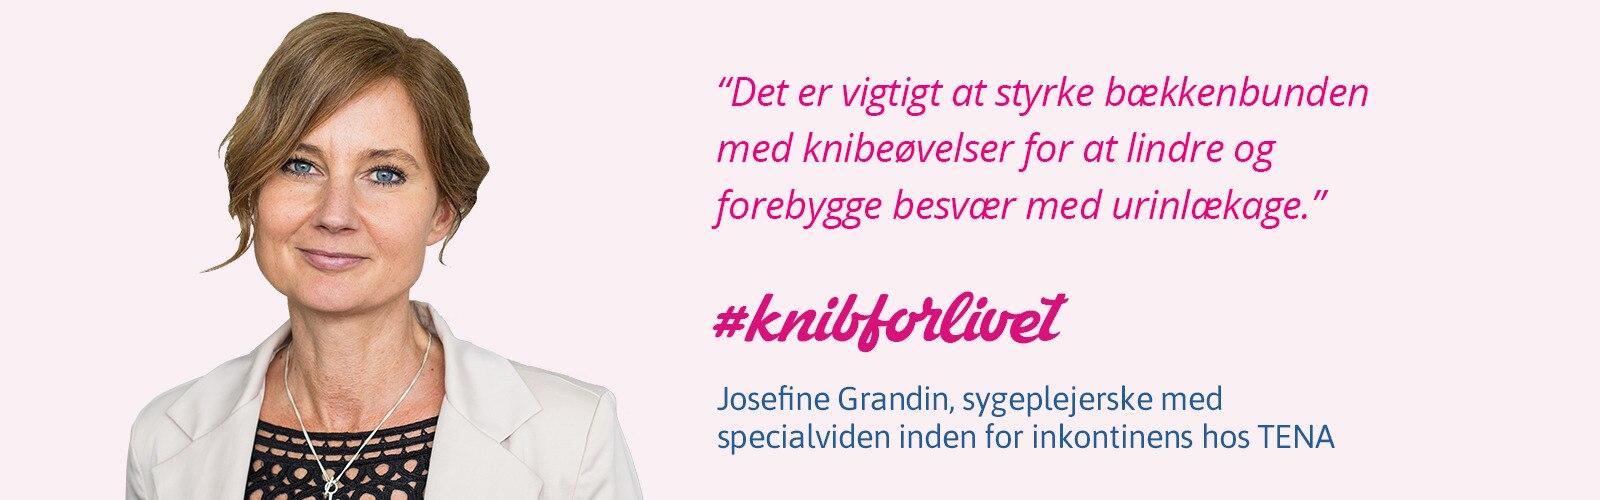 Josefine Grandin, sygeplejerske med specialviden inden for inkontinens hos TENA